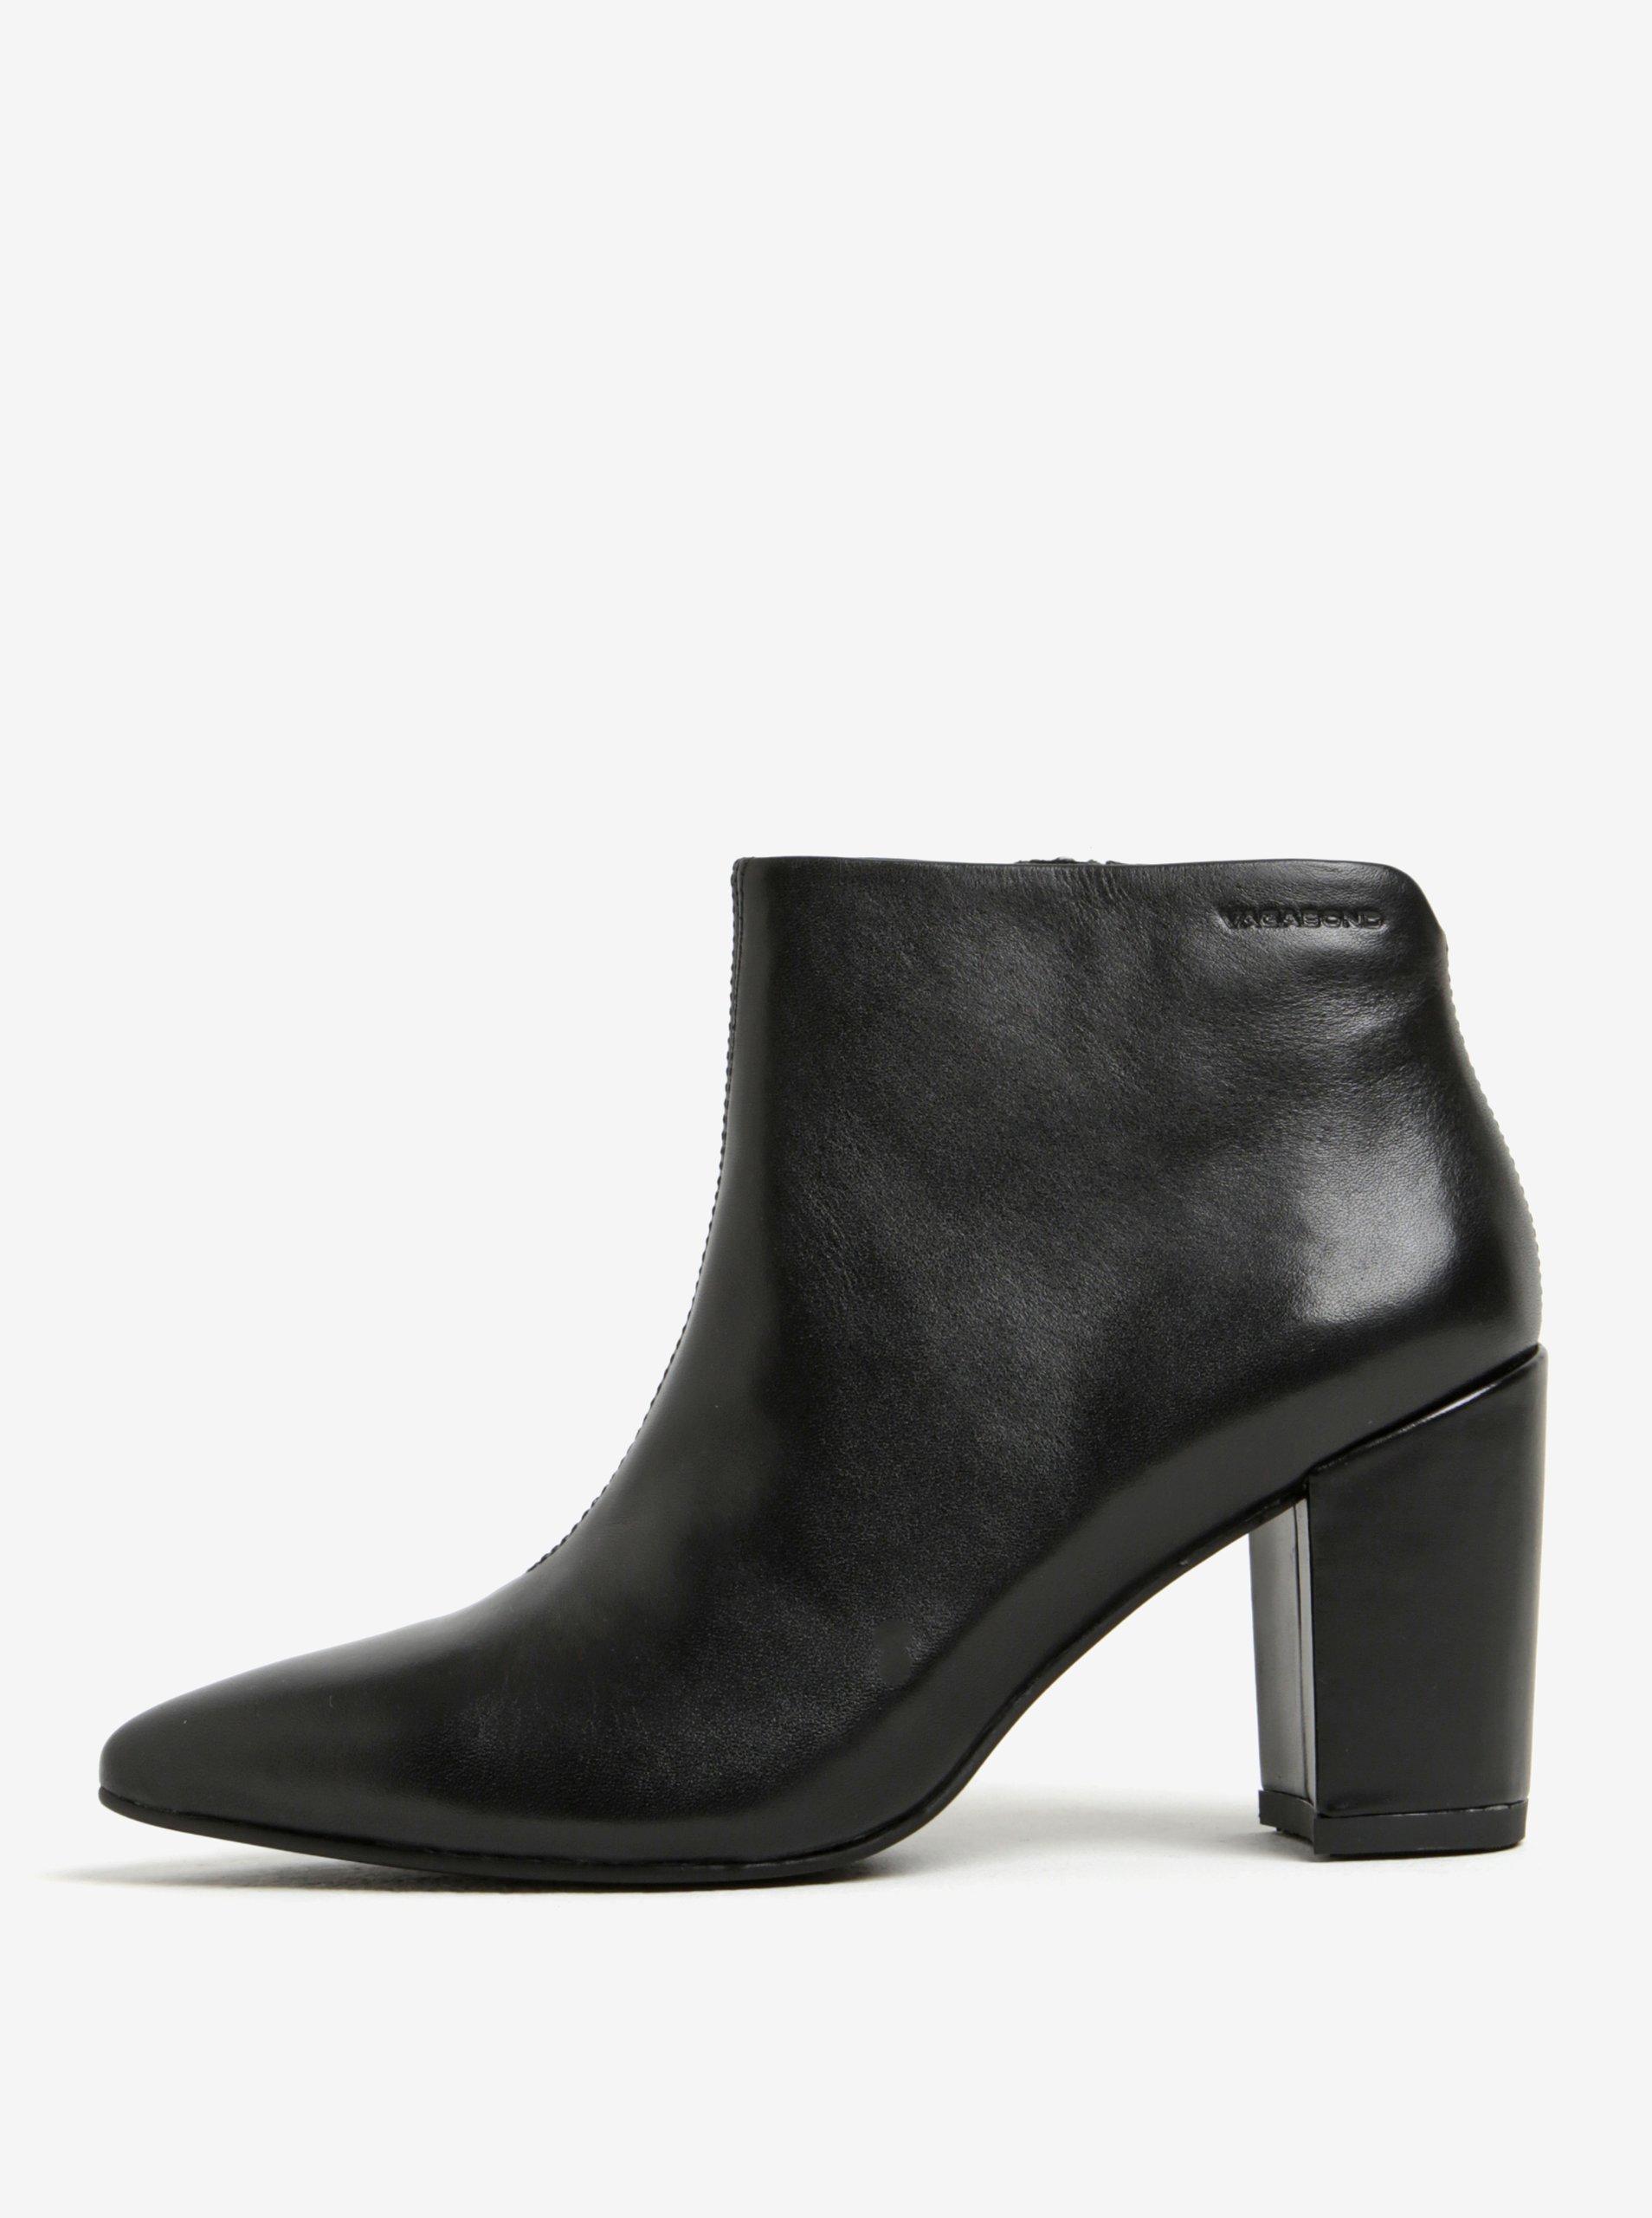 383862ab6981d Čierne dámske kožené členkové topánky Vagabond Saida | Moda.sk